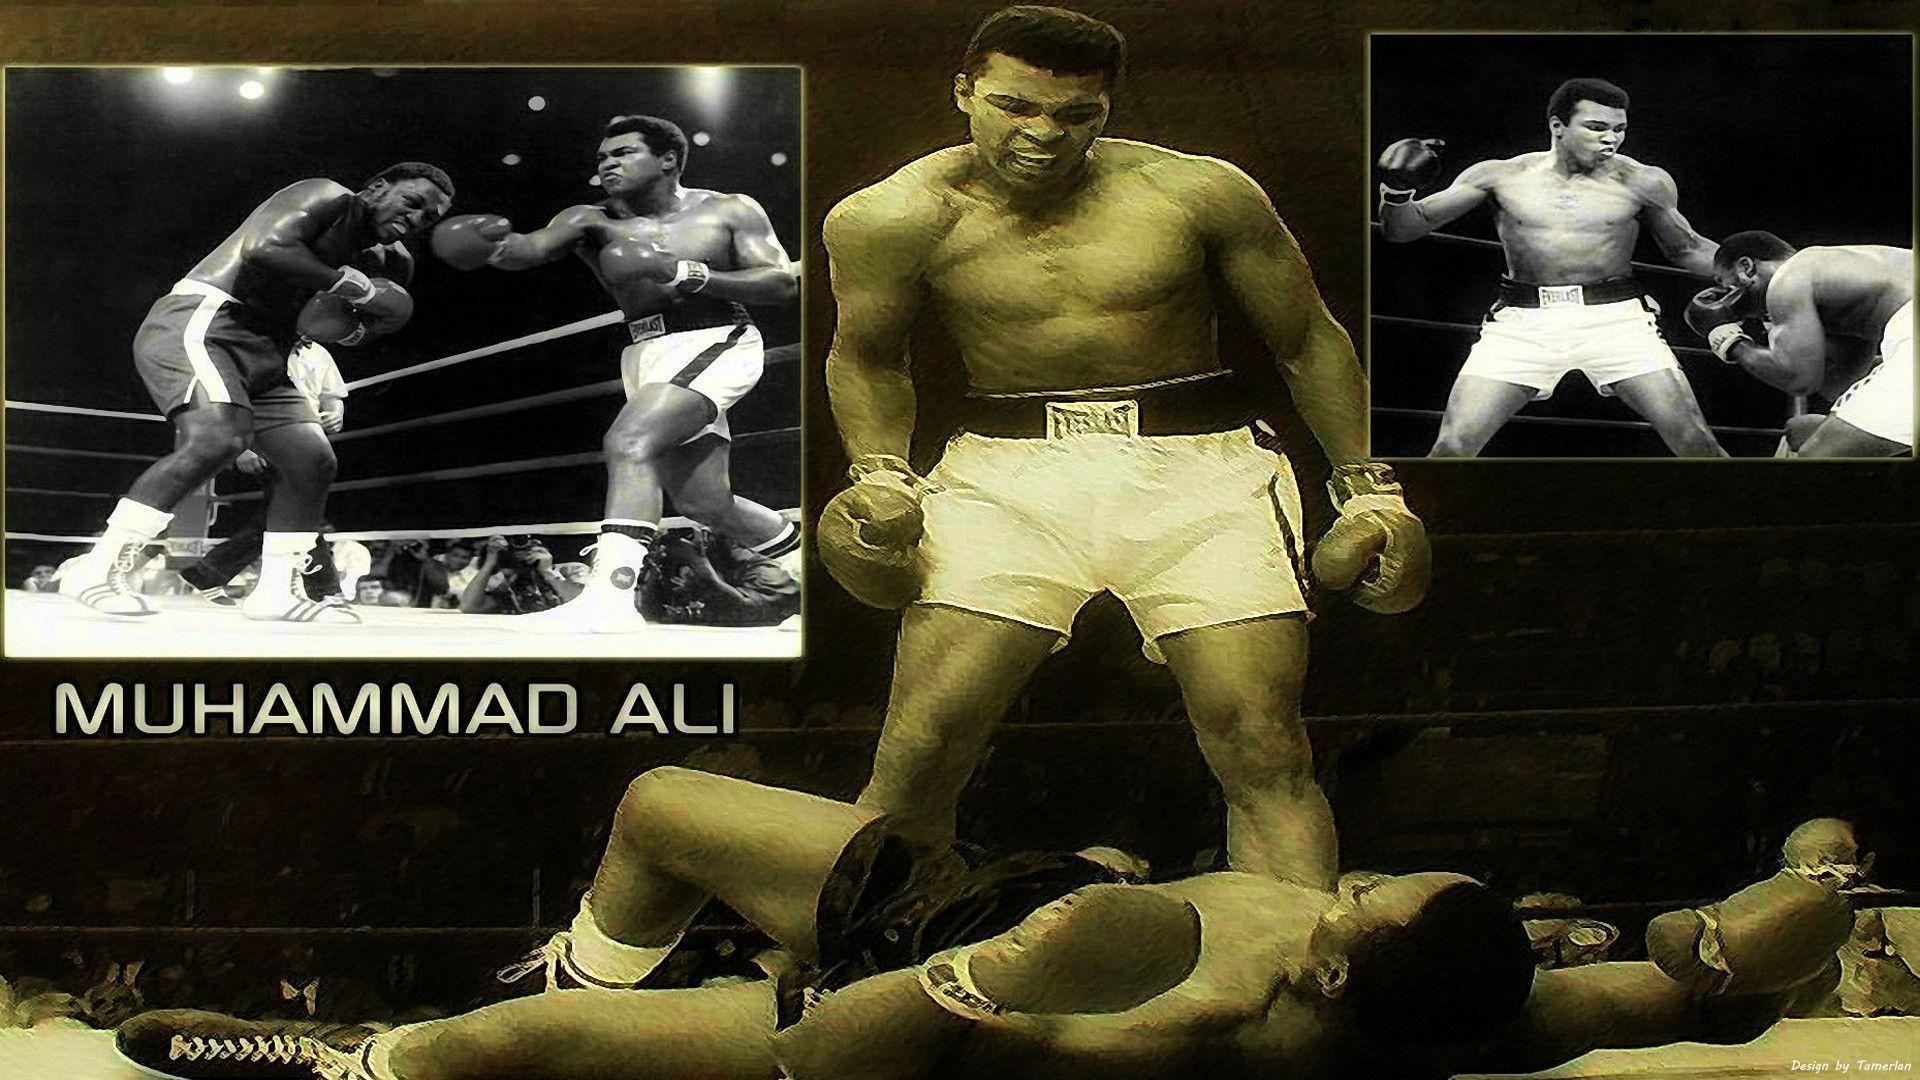 Muhammad Ali Wallpaper Hd